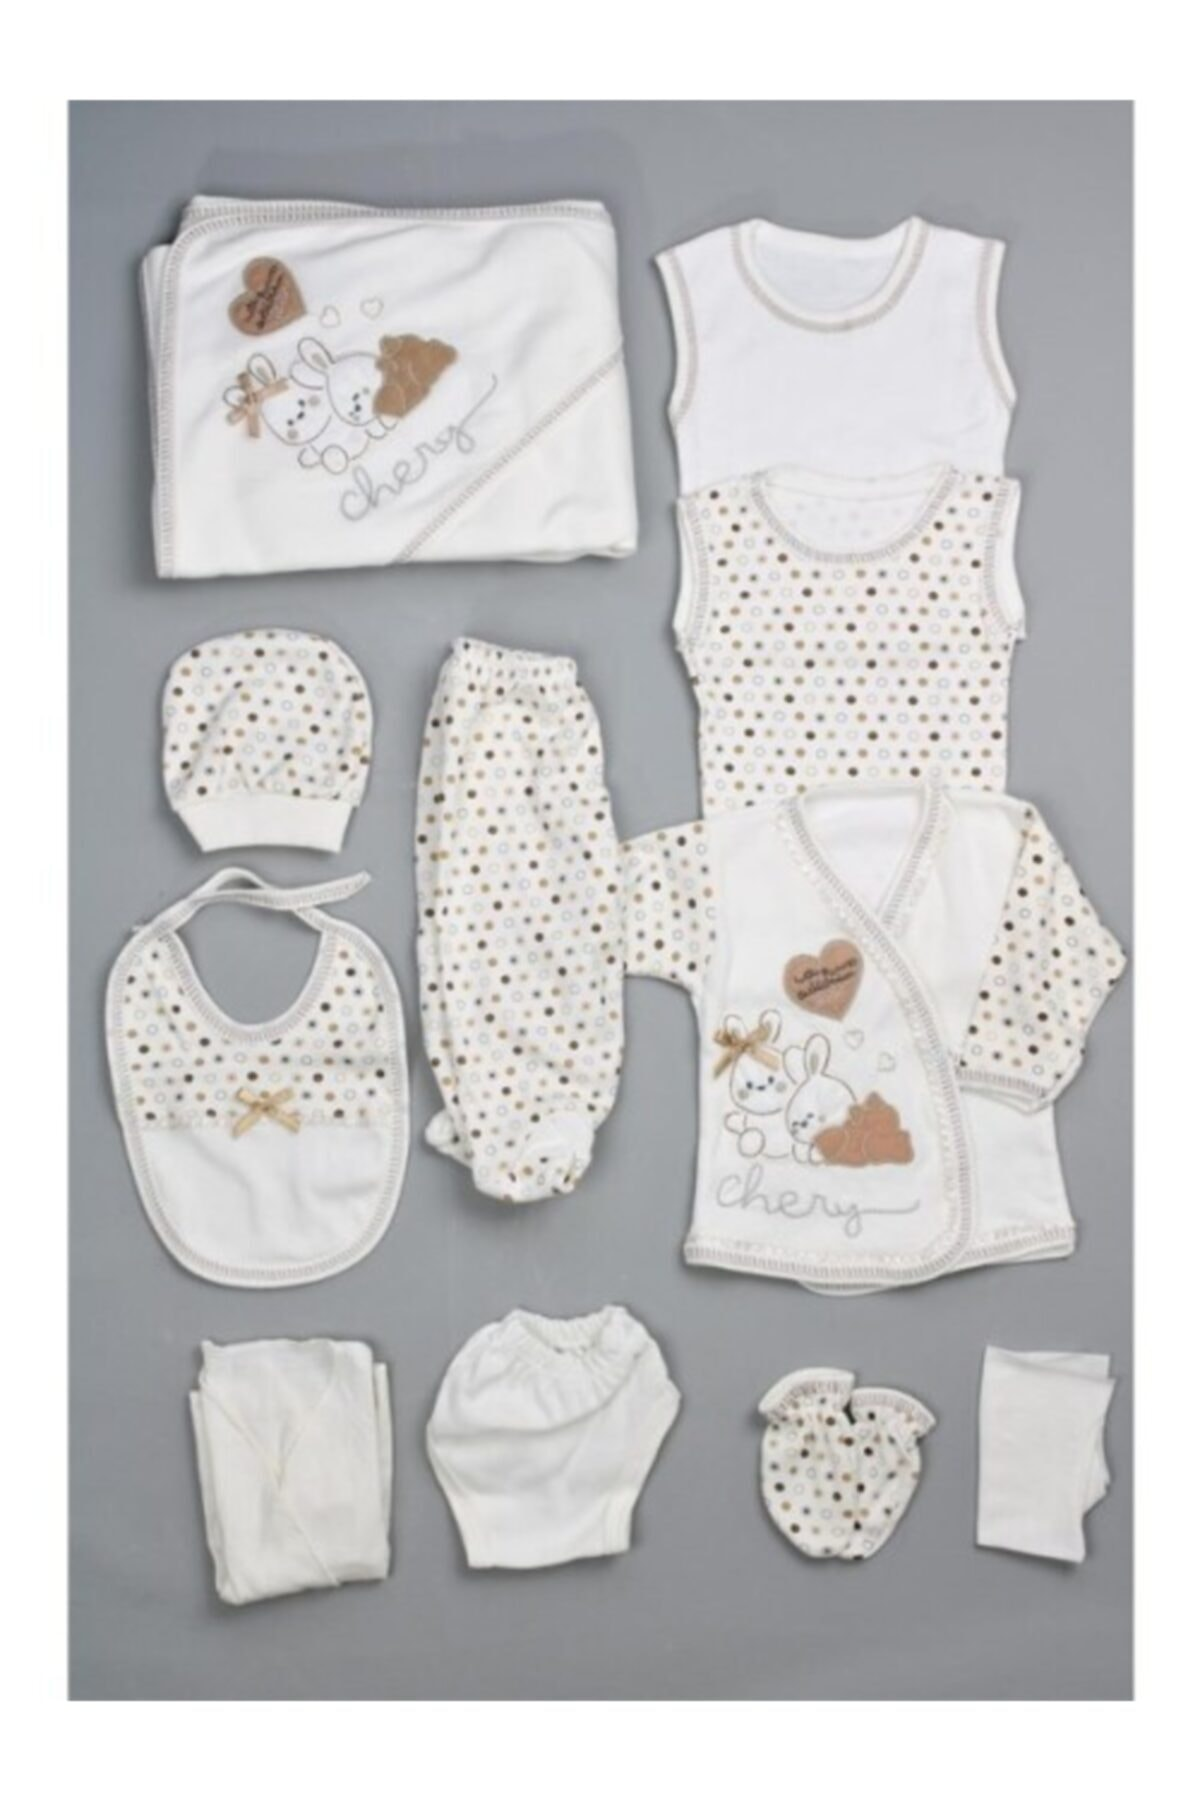 Bombinoo Erkek Bebek Kahverengi Tavşan Resimli 11li Yenidoğan Hastane Çıkış Seti 1